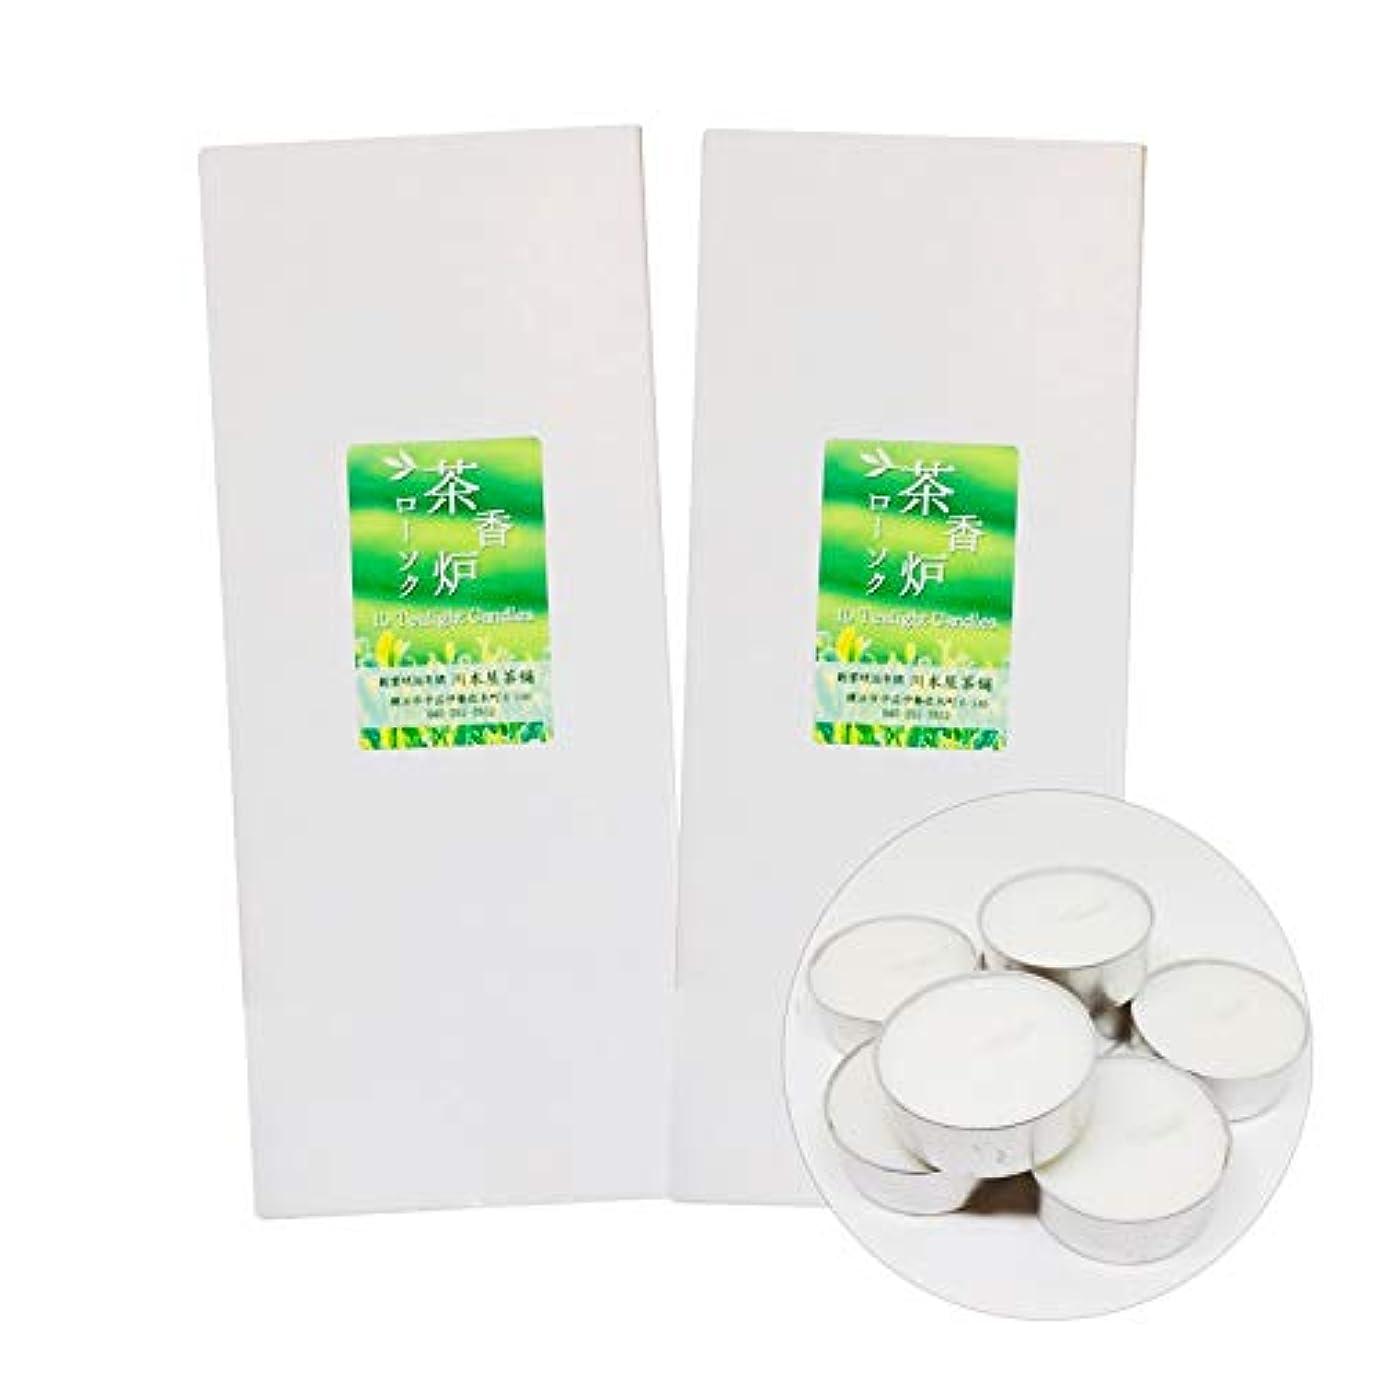 ふくろうなめらかカラス茶香炉専用 ろうそく キャンドル 10個入り 川本屋茶舗 (2箱)